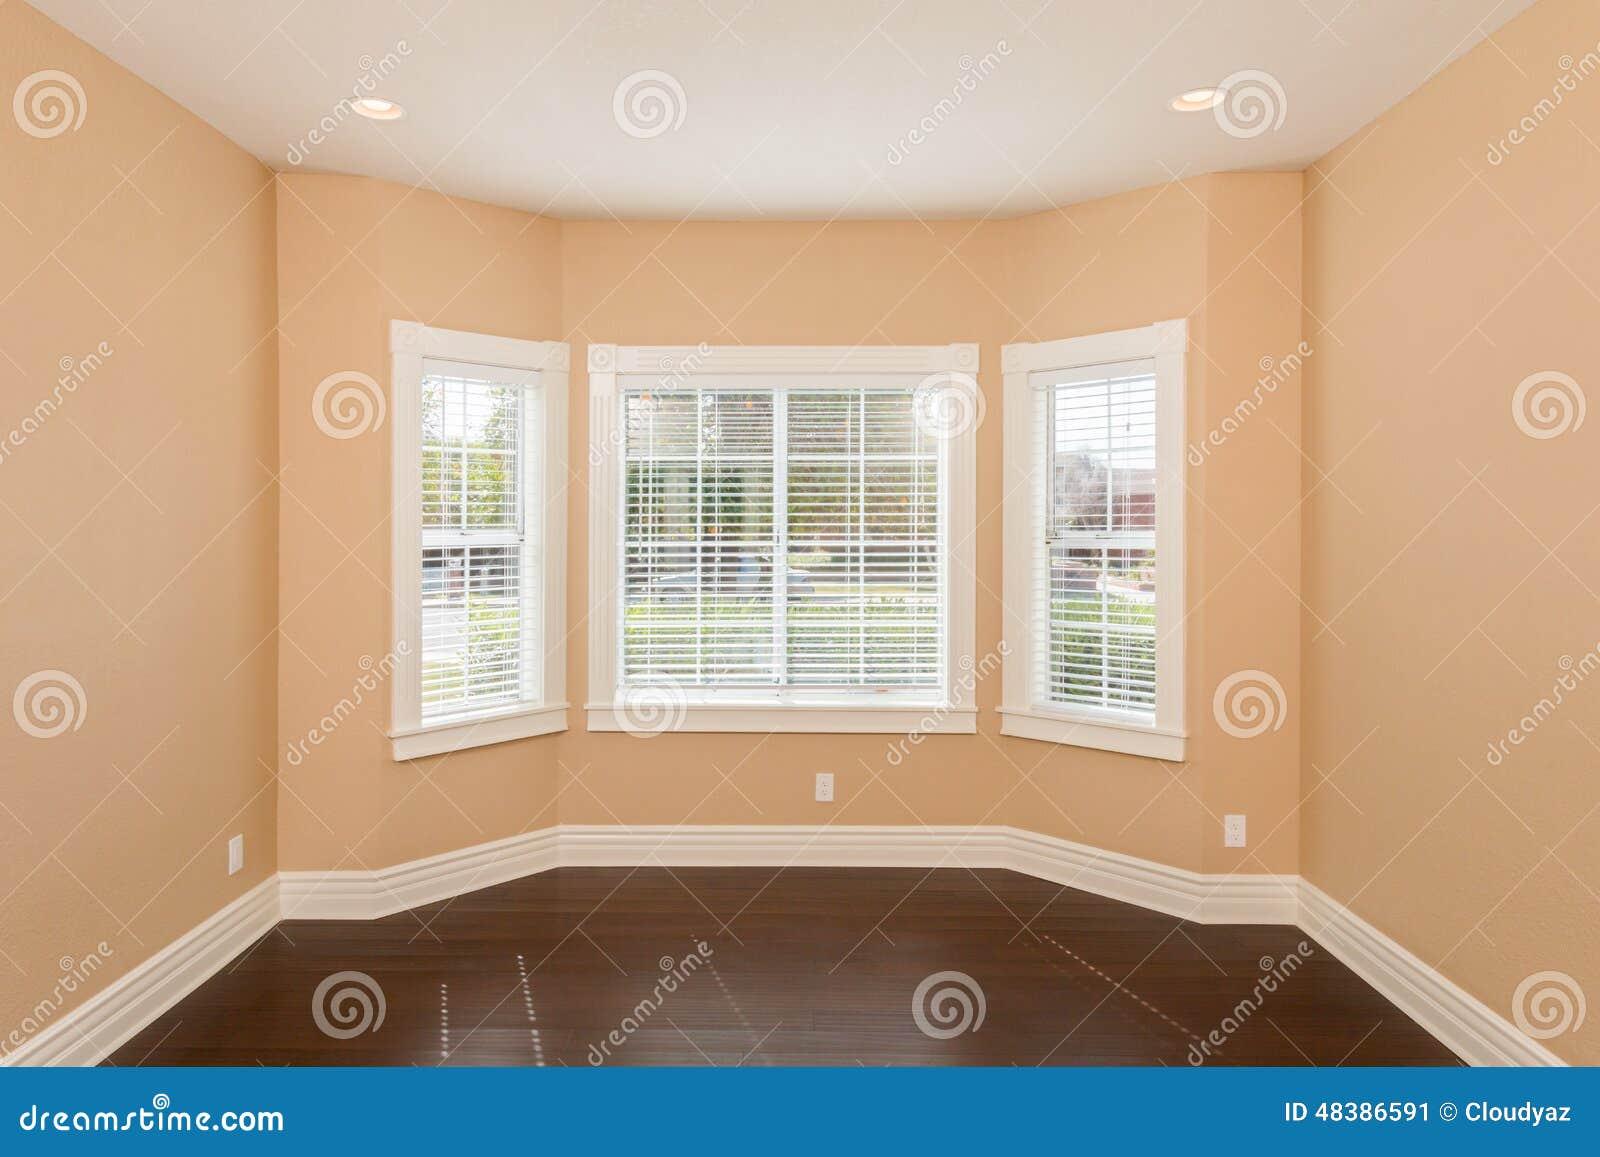 Sitio vacante de la ventana salediza